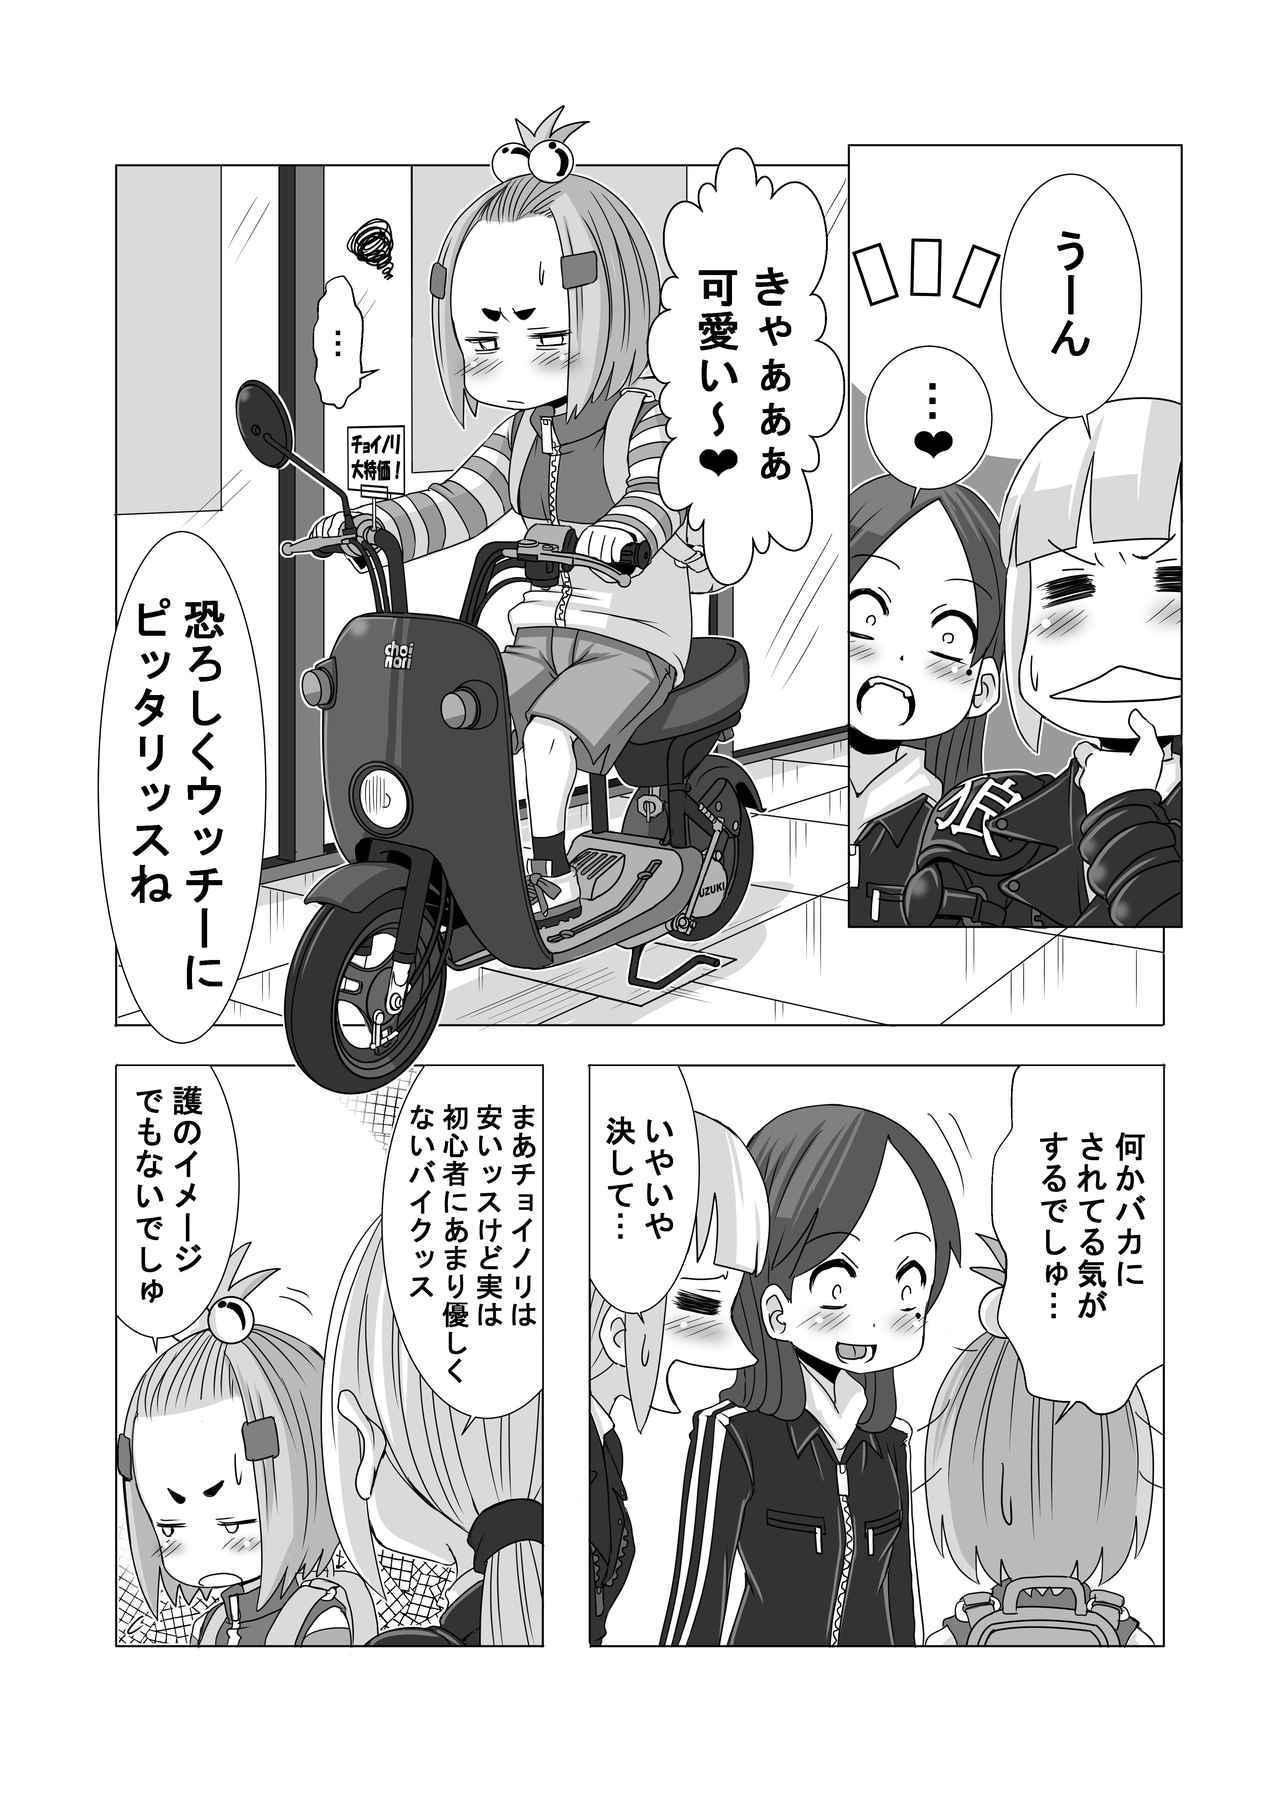 画像6: 【連載】馬場郁子がこよなくバイクを愛す理由(第十九話:本気なワケ)作:鈴木秀吉